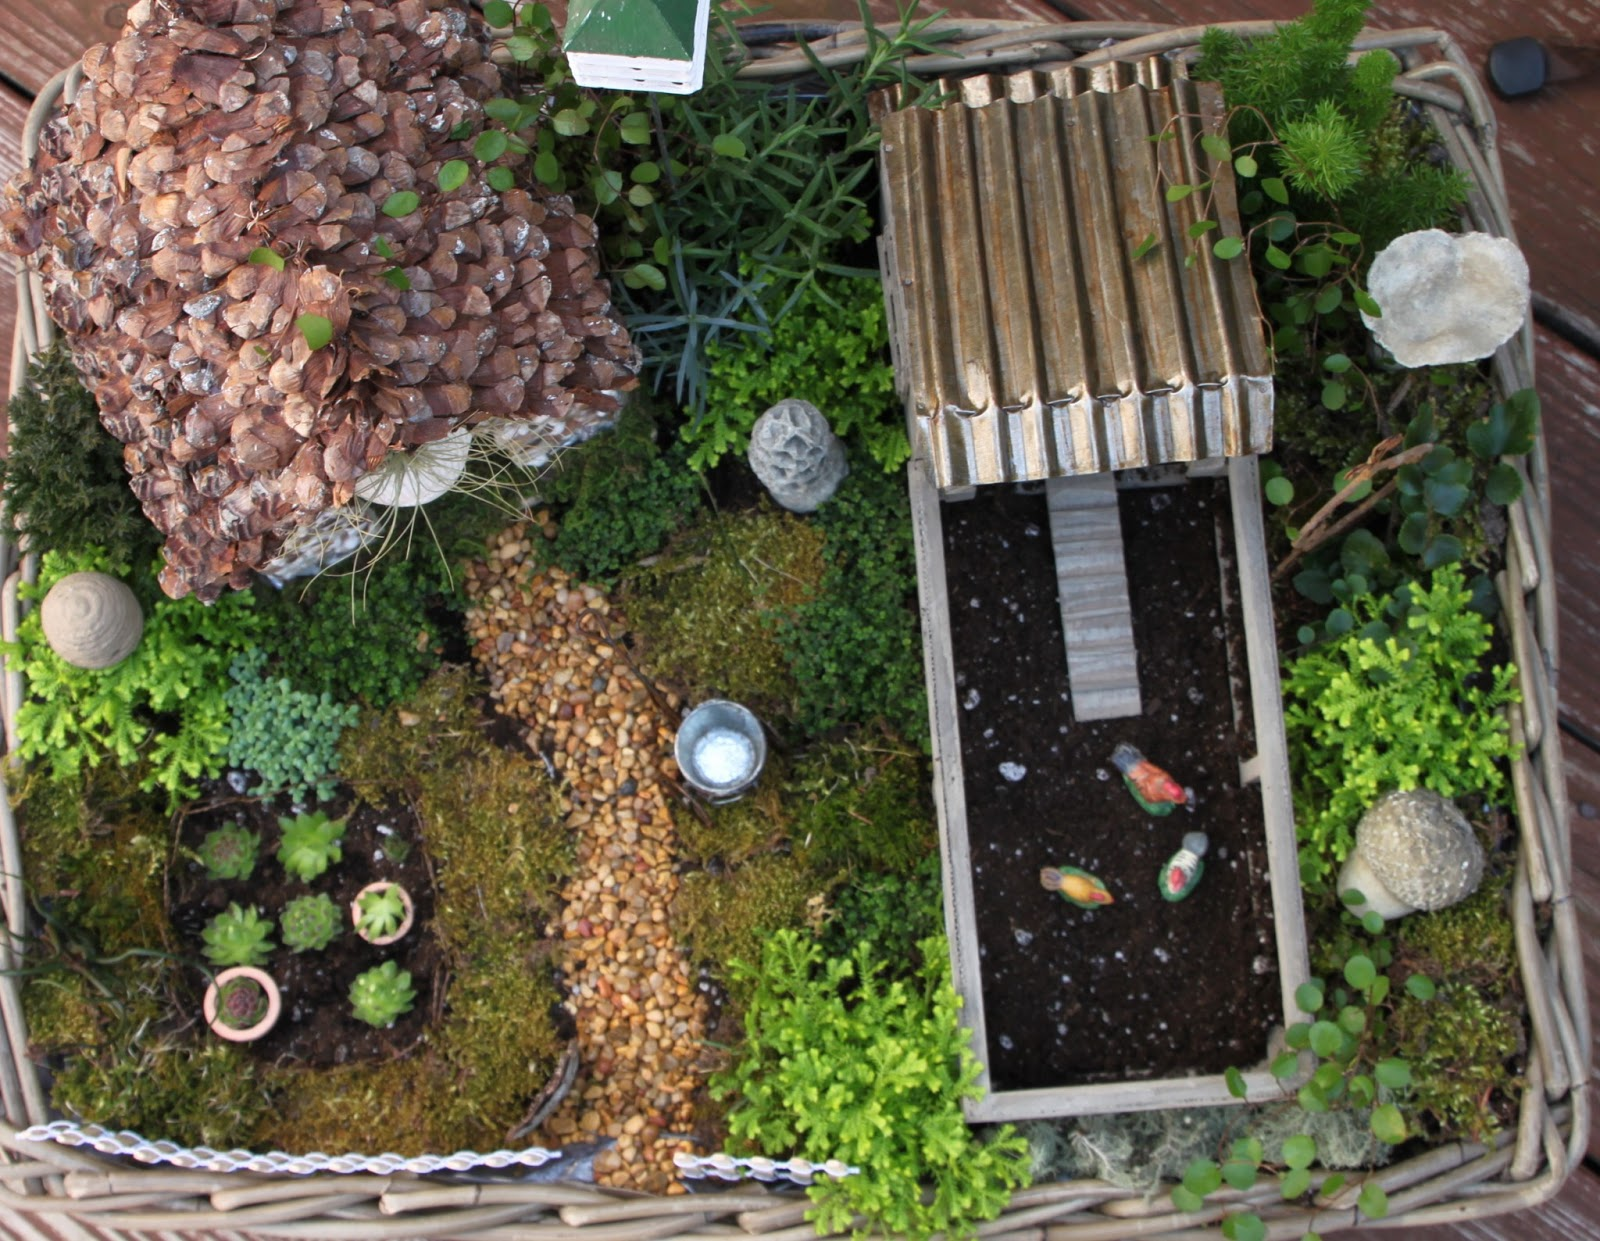 HGTV craft fairy garden